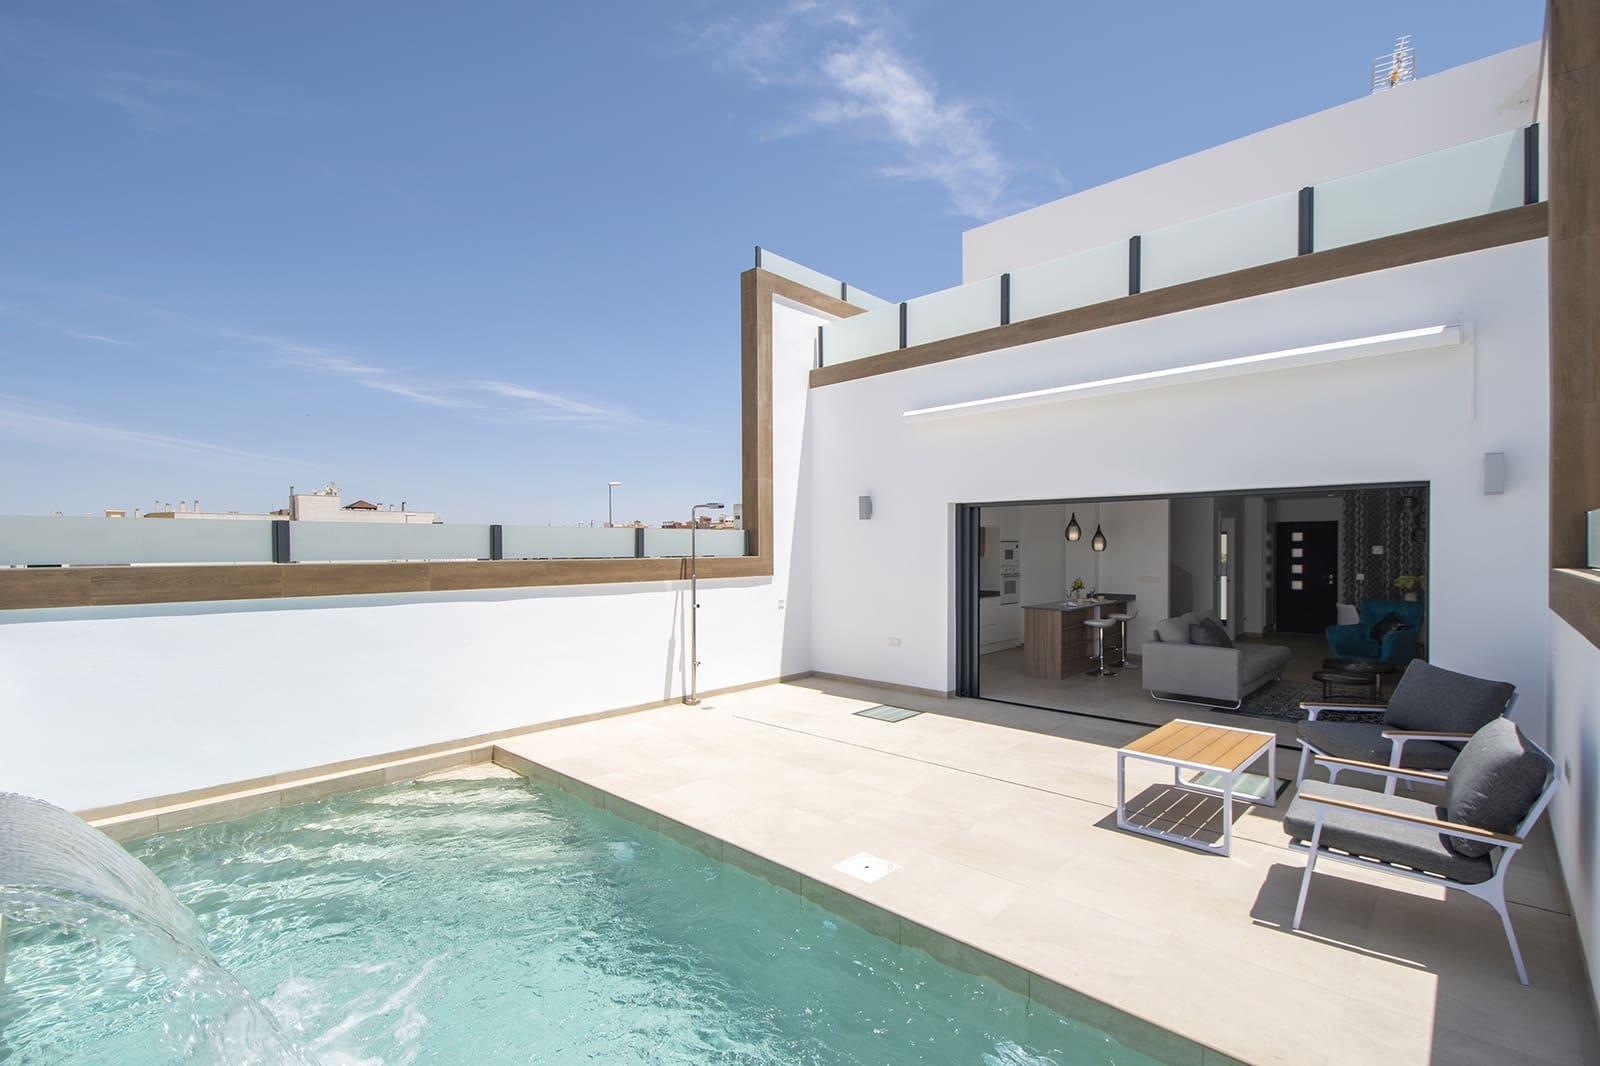 Casa de 3 habitaciones en Benijófar en venta con piscina - 235.000 € (Ref: 4824399)